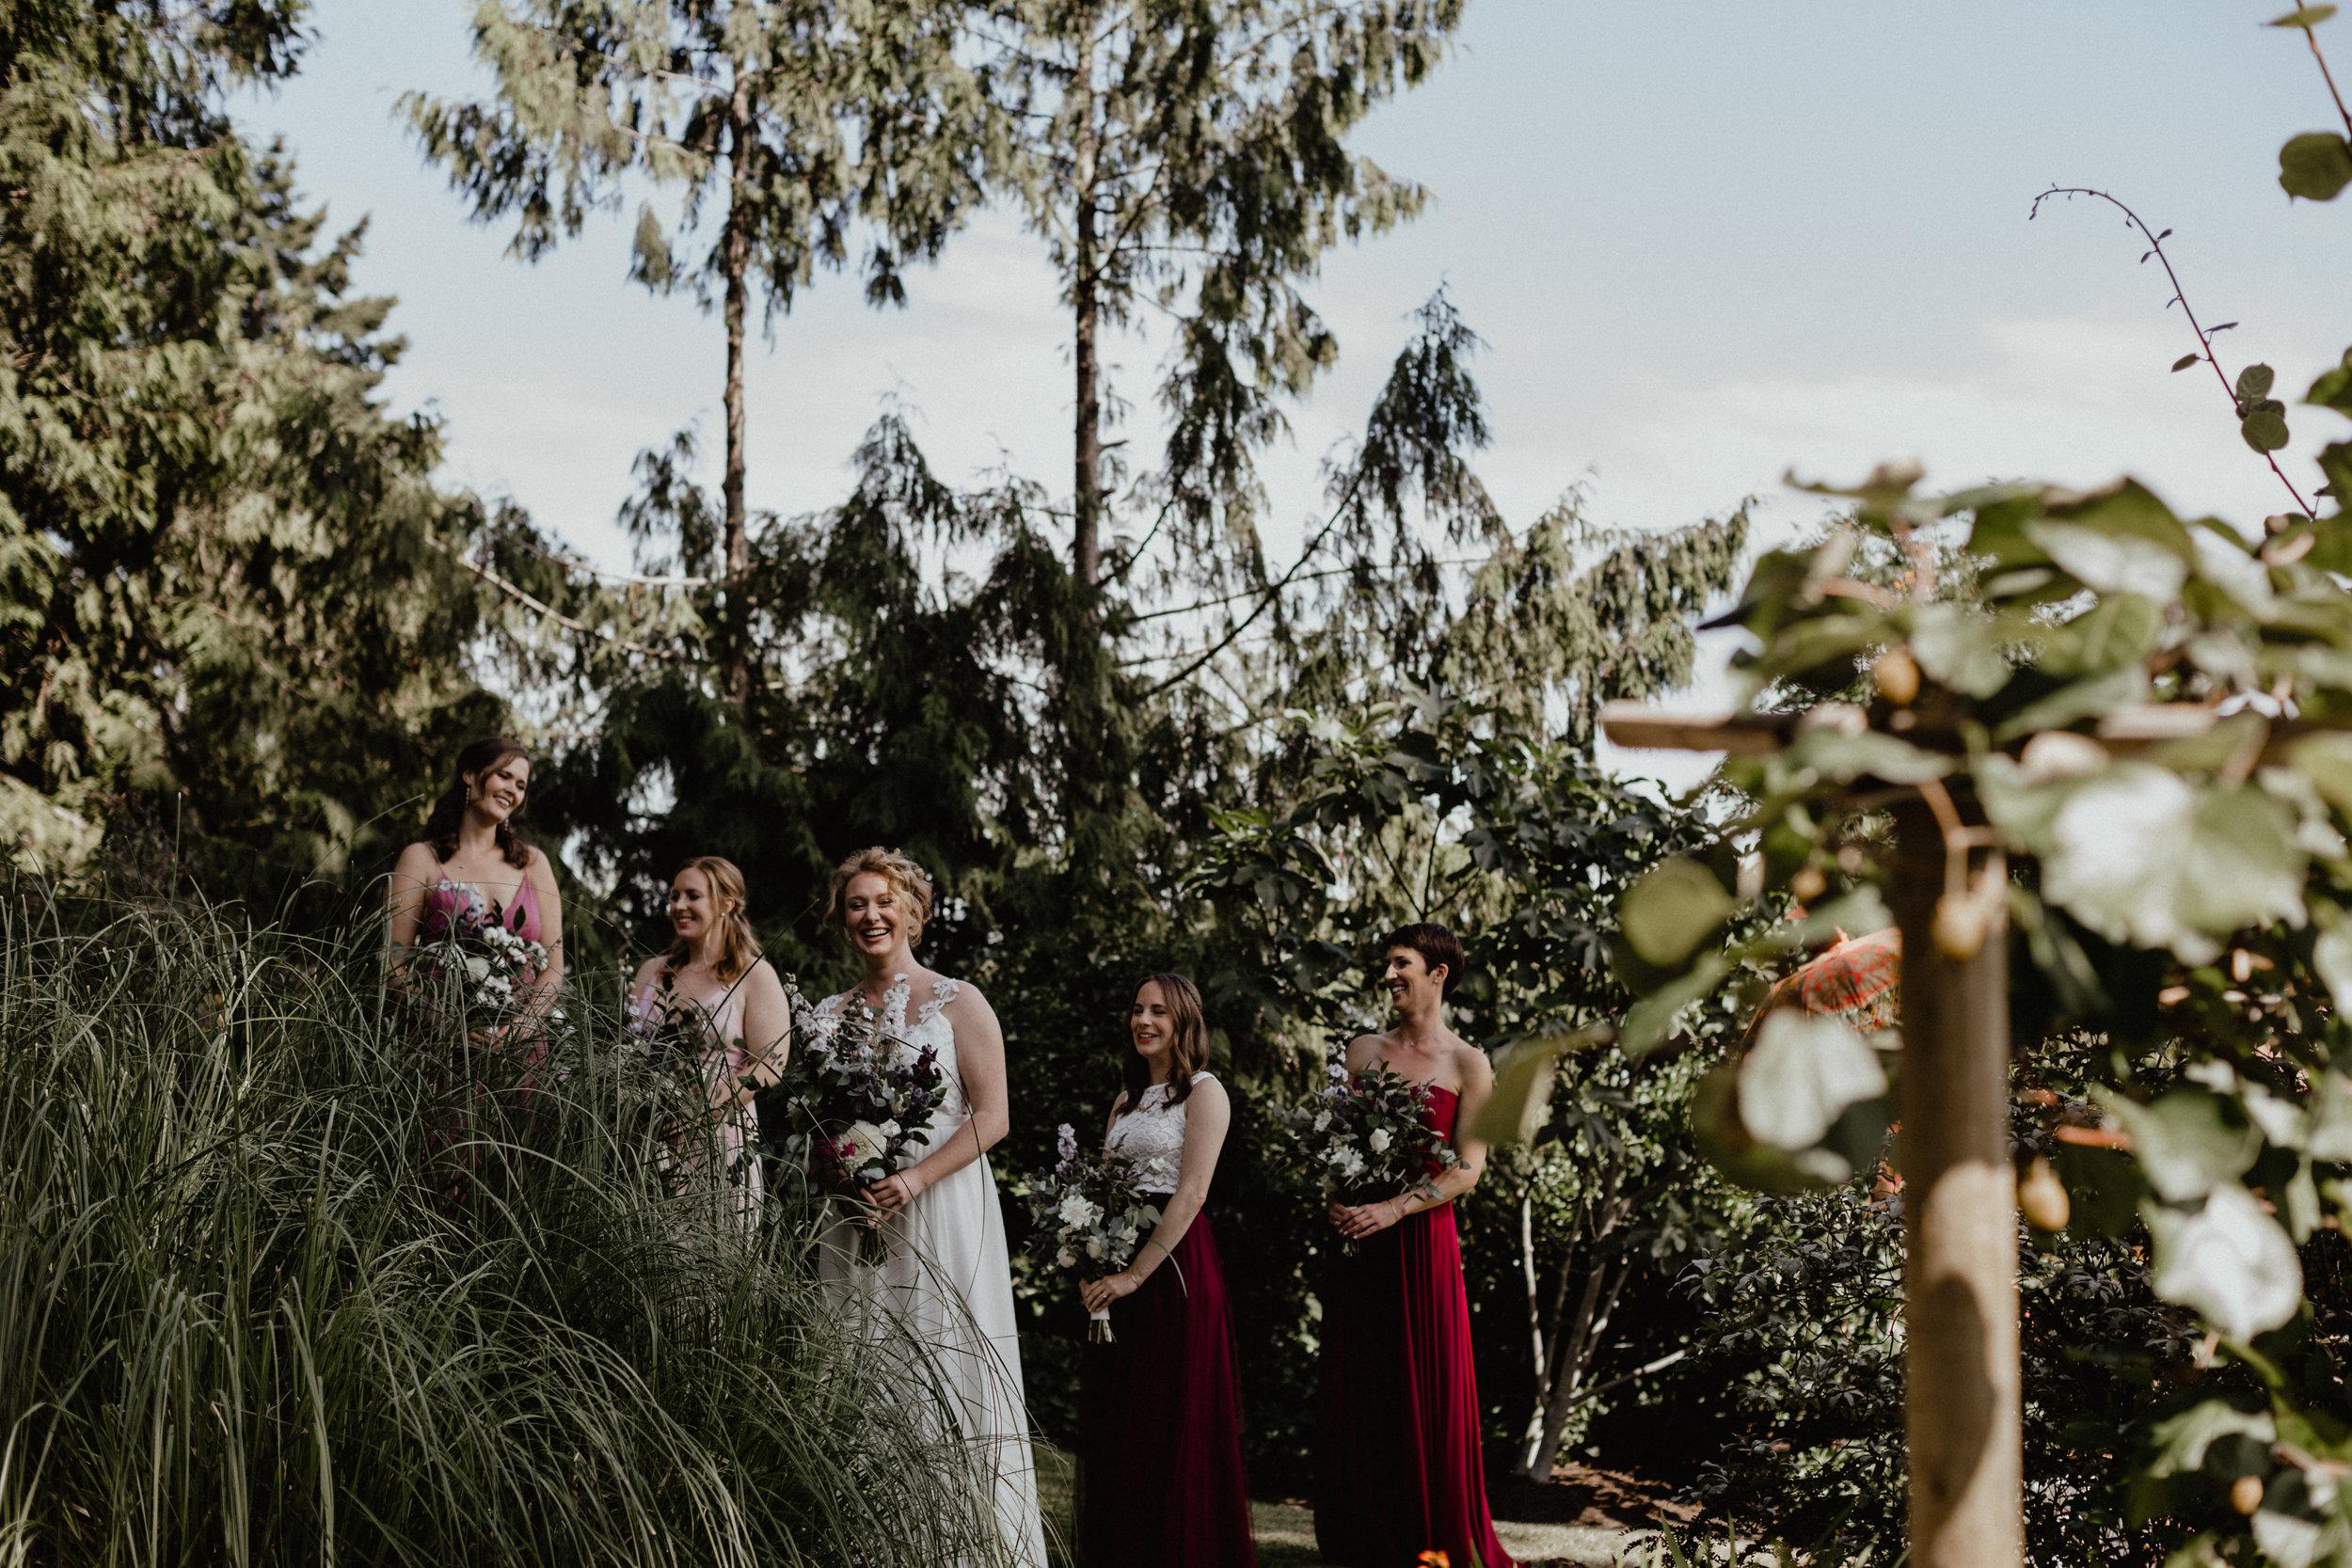 west-vancouver-backyard-wedding-59.jpg